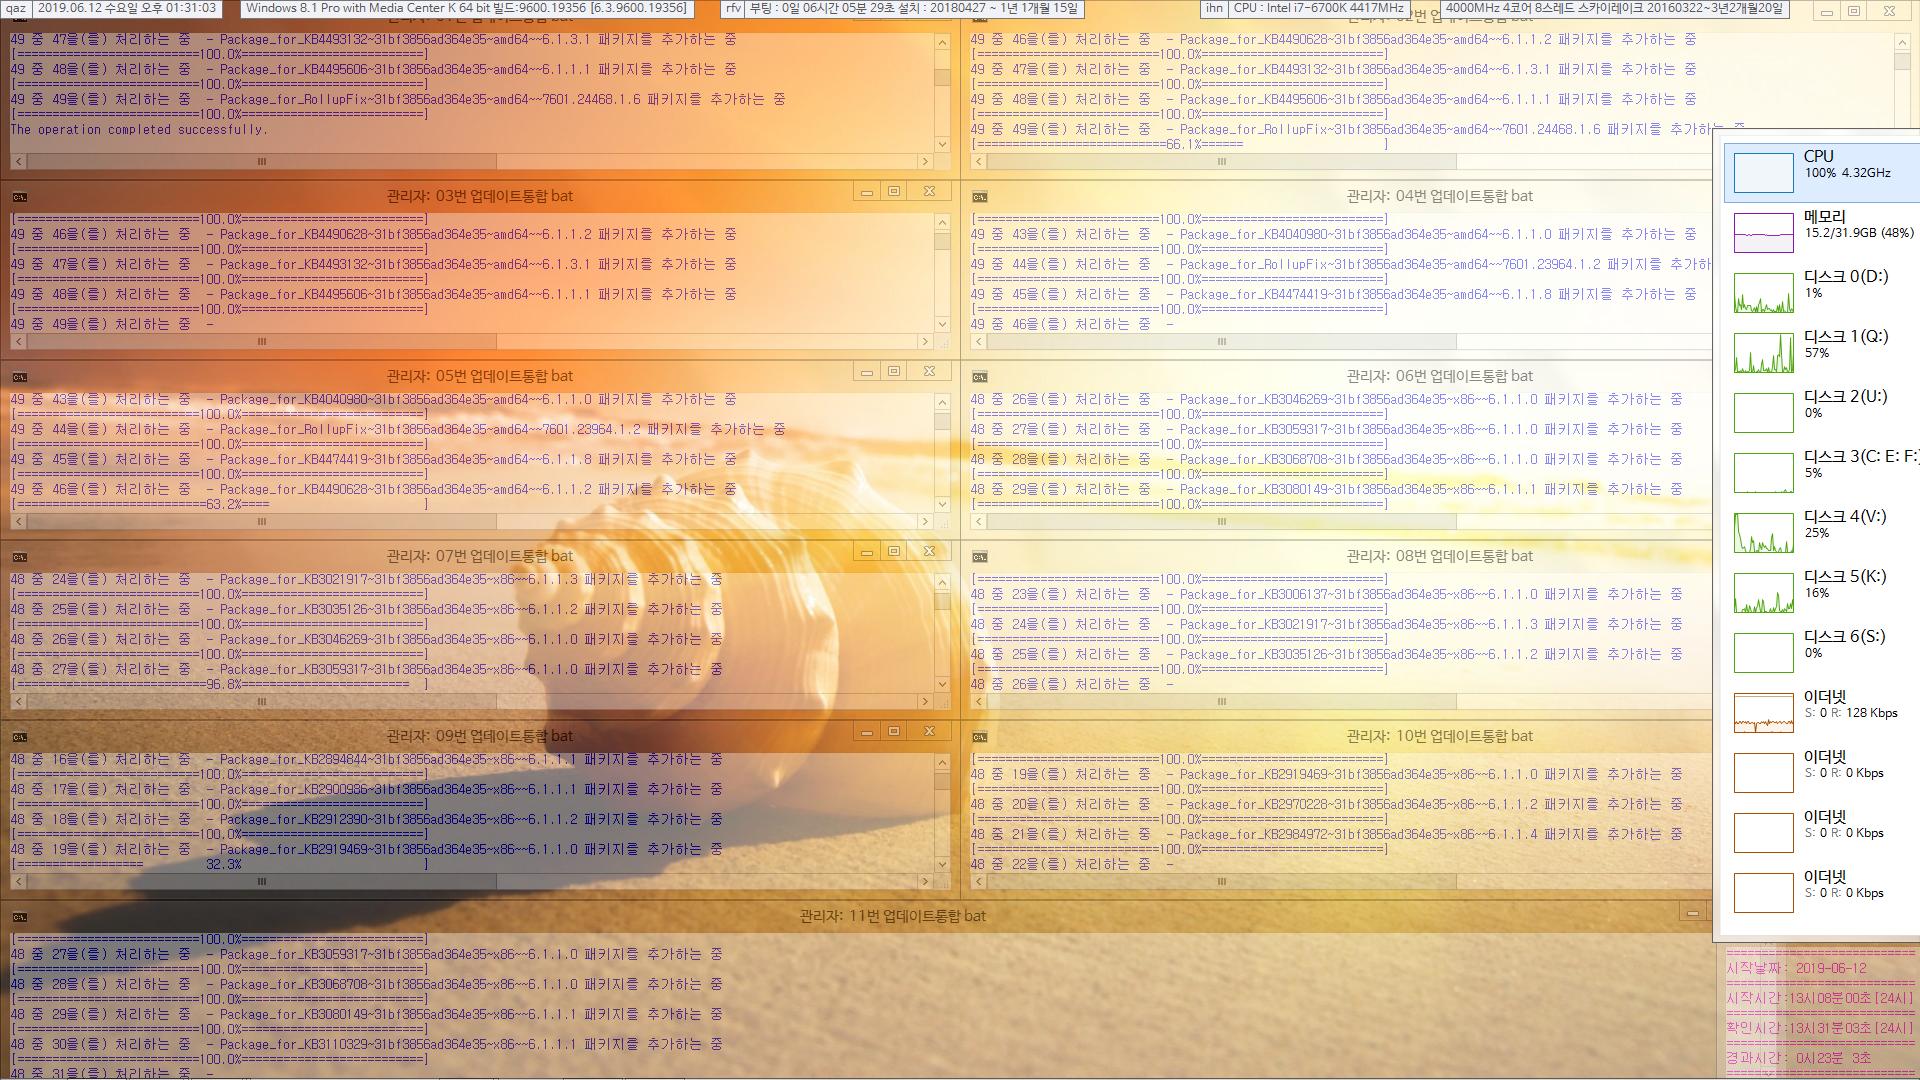 2019년 6월 12일 정기 업데이트 나왔네요 - Windows 7 롤업 업데이트 KB4503292 (OS 빌드 7601.24468) [2019-06-11 일자] IE10 통합중 입니다 2019-06-12_133103.png